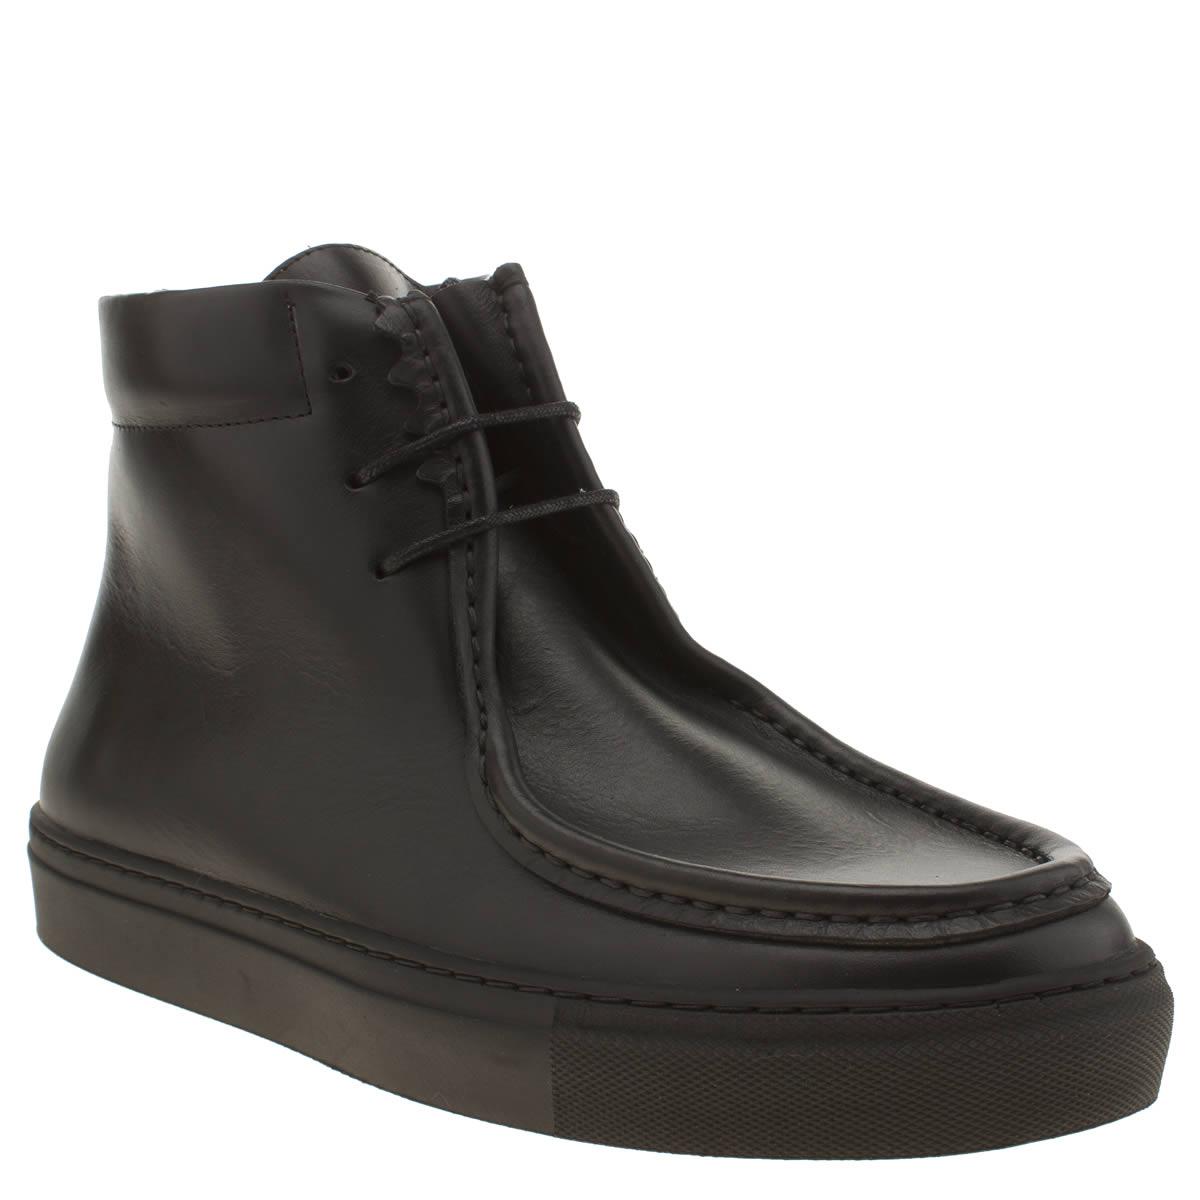 Northern Cobbler Northern Cobbler Black Trainer Boots